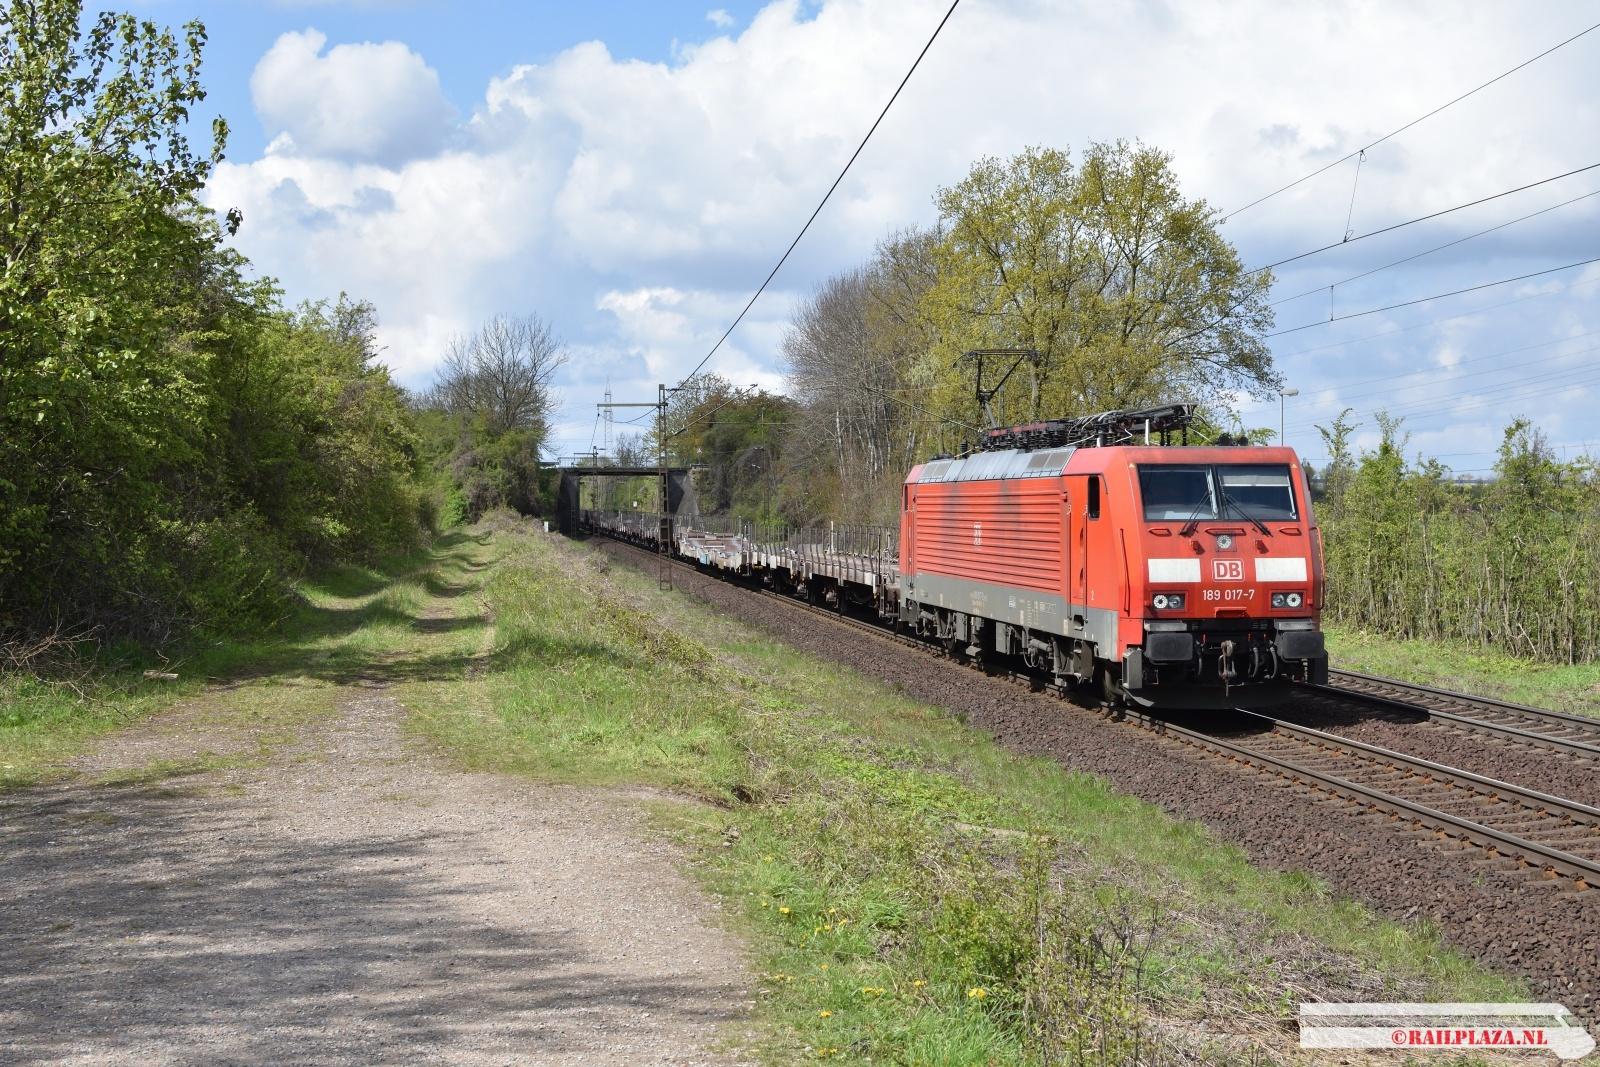 189 017 - Ahlten